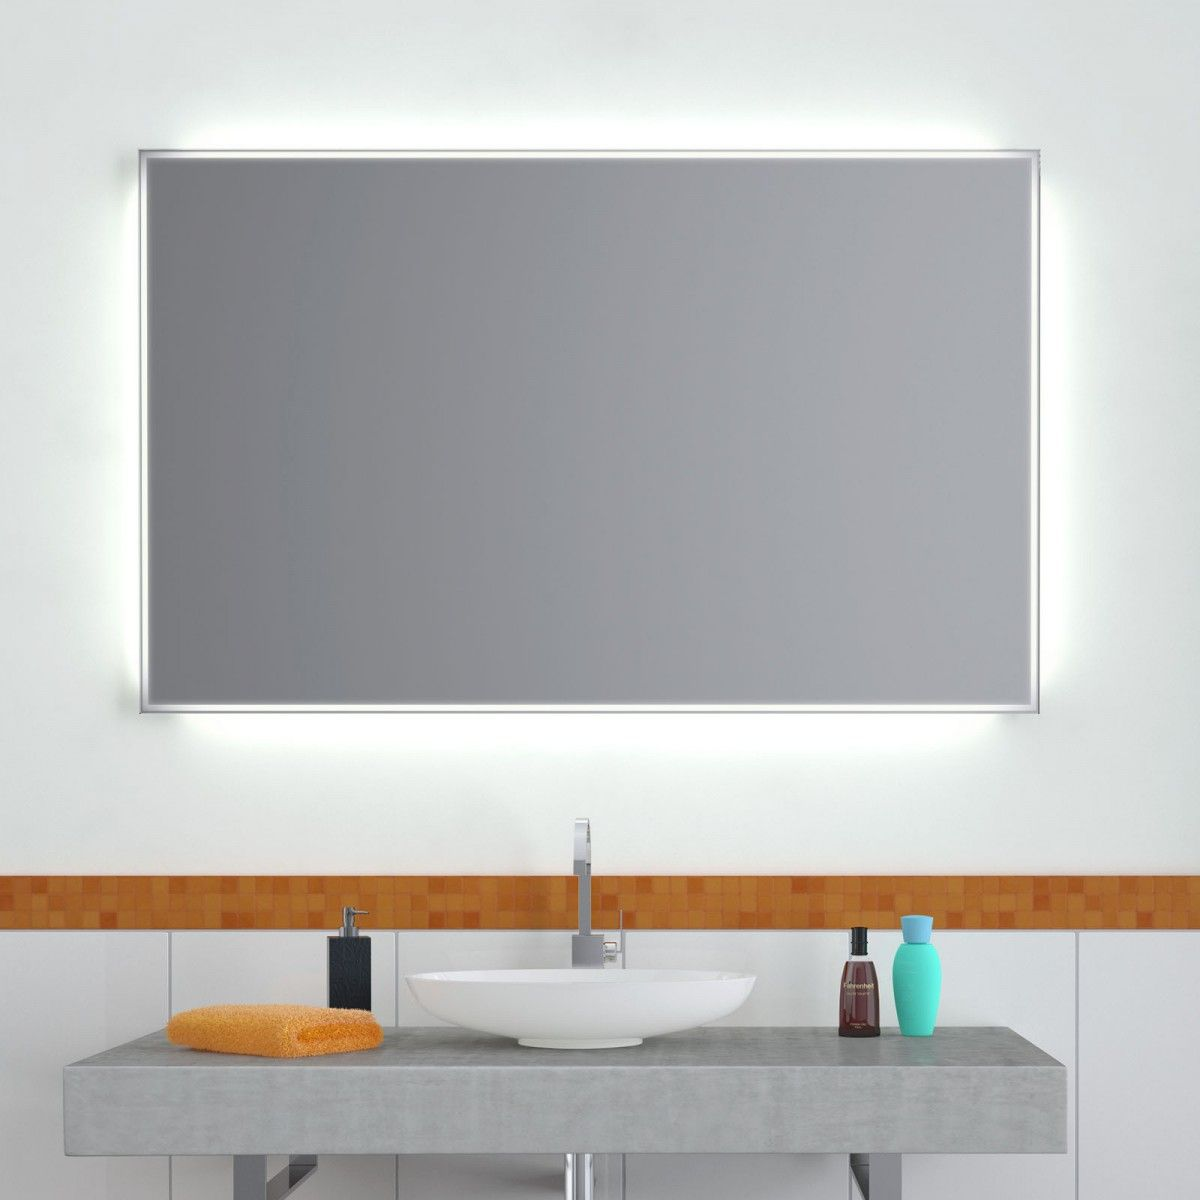 Wandspiegel Led Minimalis Wandspiegel Badspiegel Badspiegel Beleuchtet